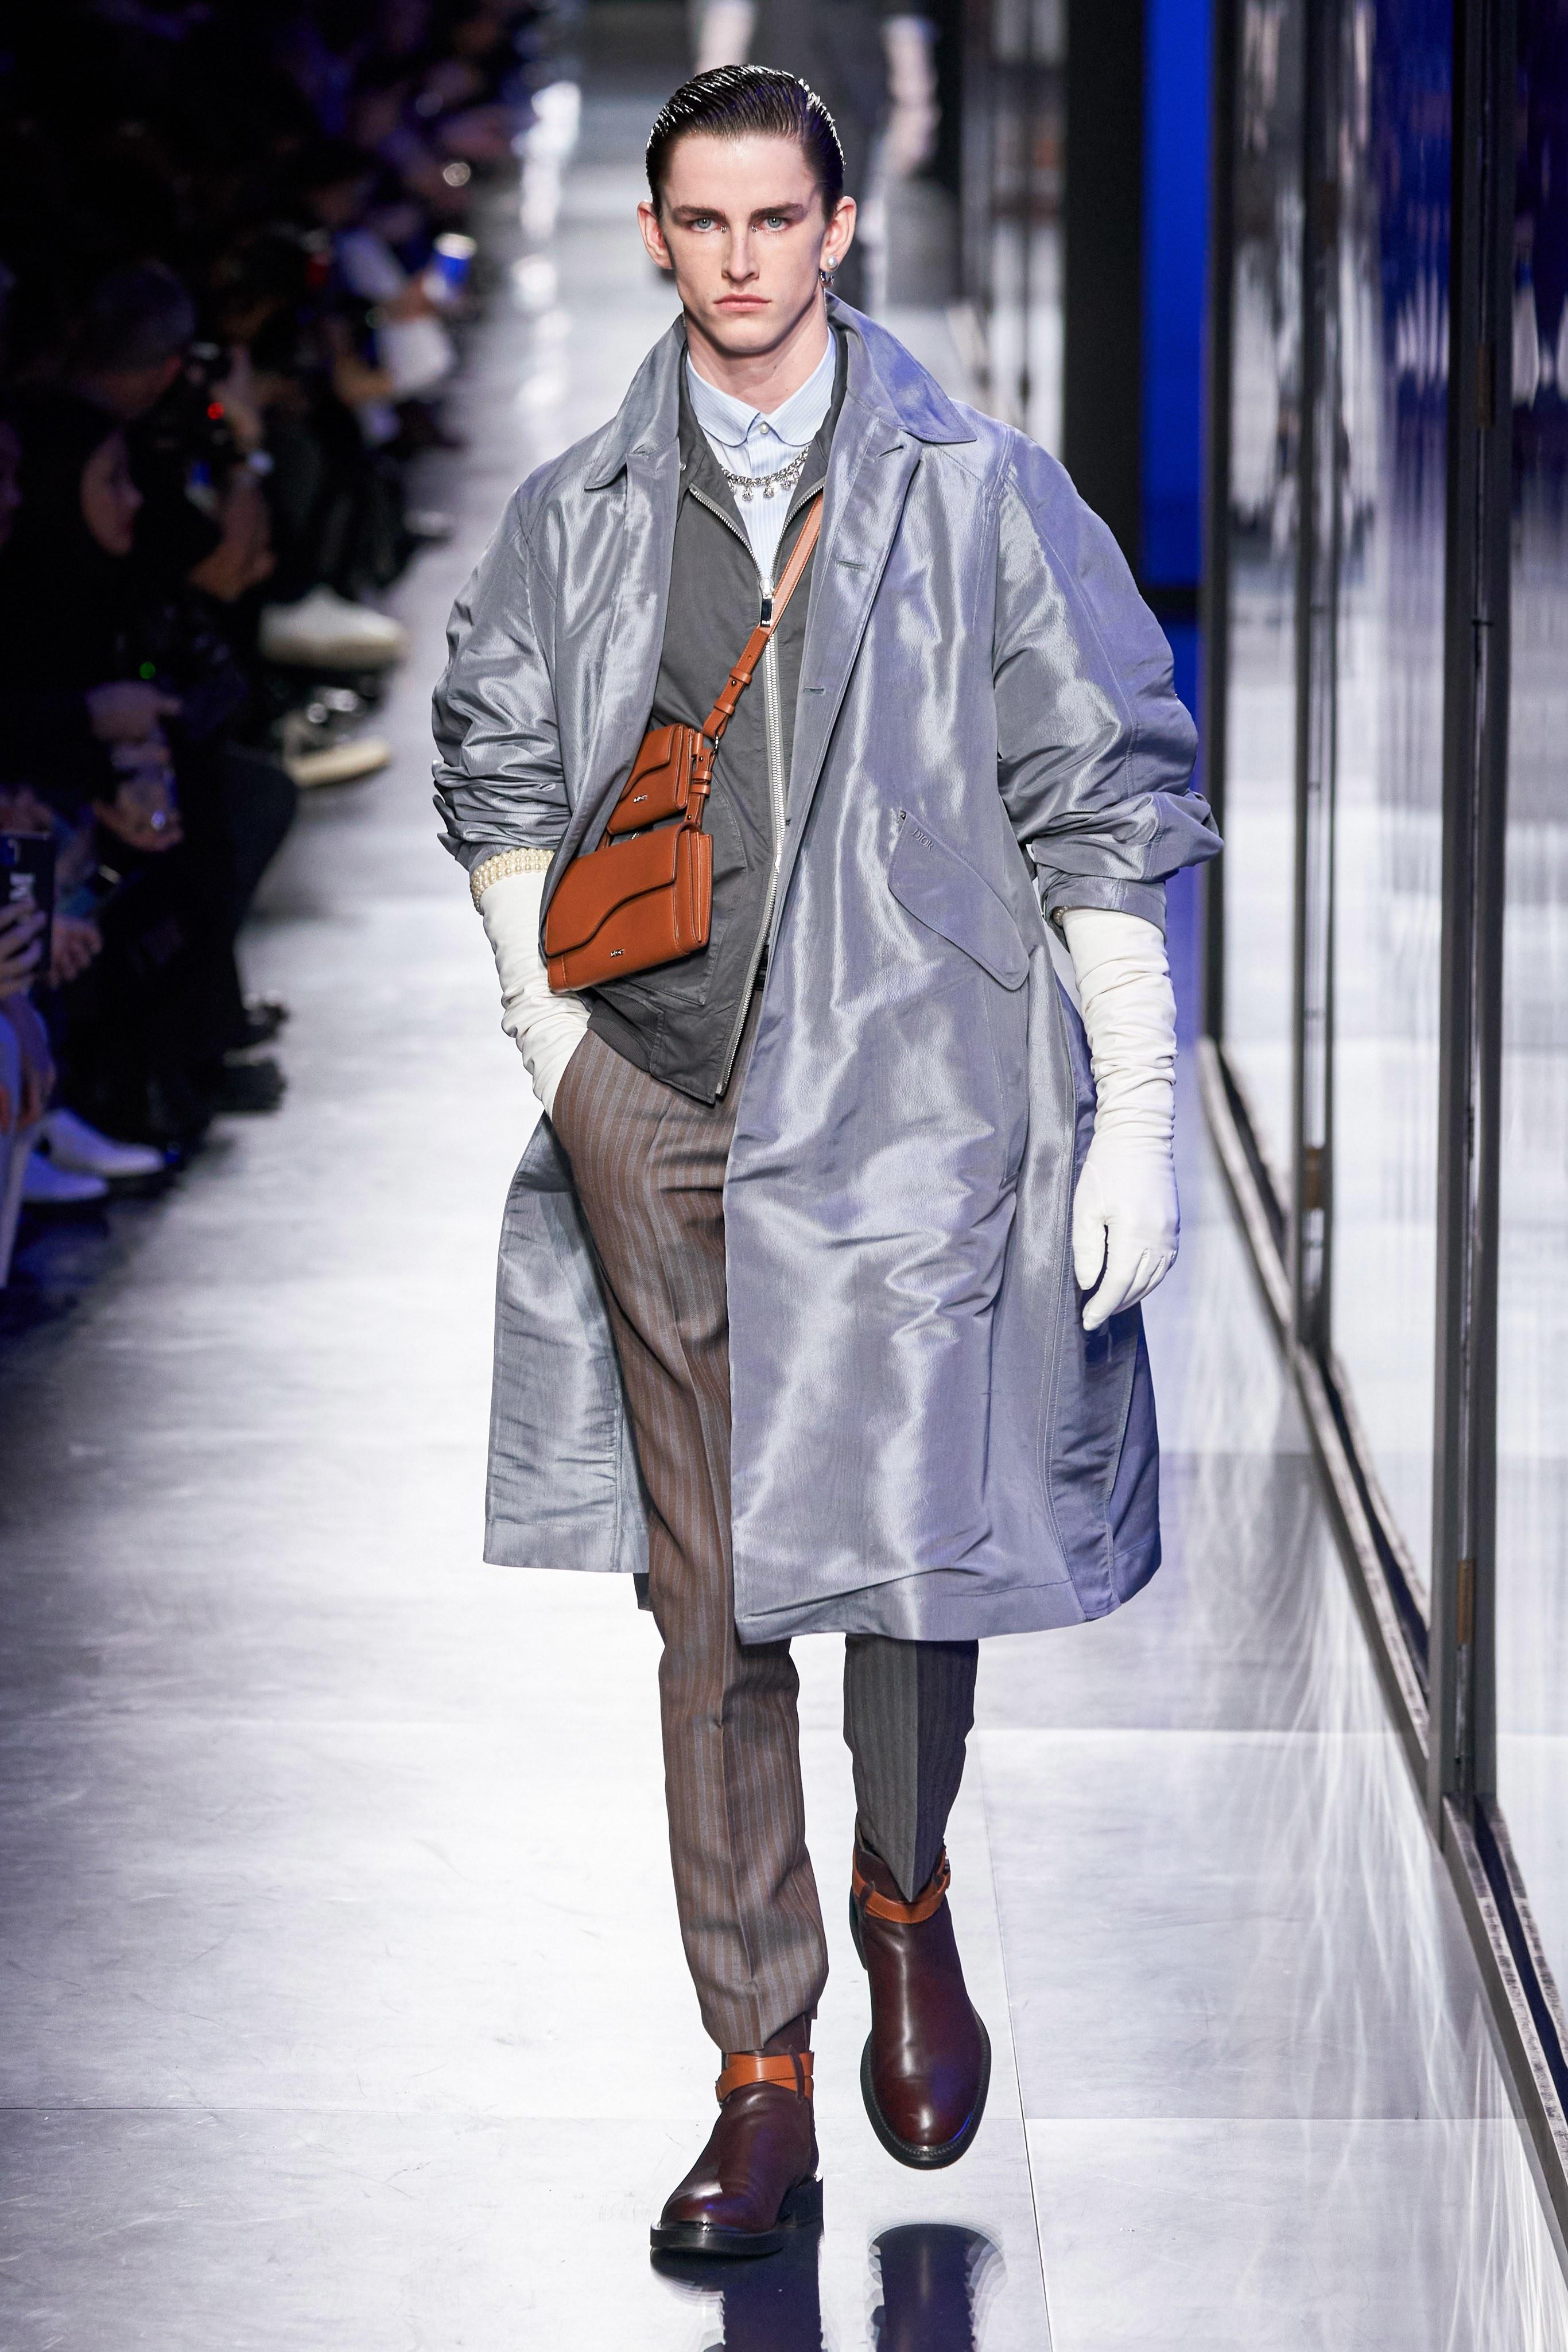 Áo khoác hoa, găng tay dài - Dior nâng thời trang nam lên tầm cao mới Ảnh 7